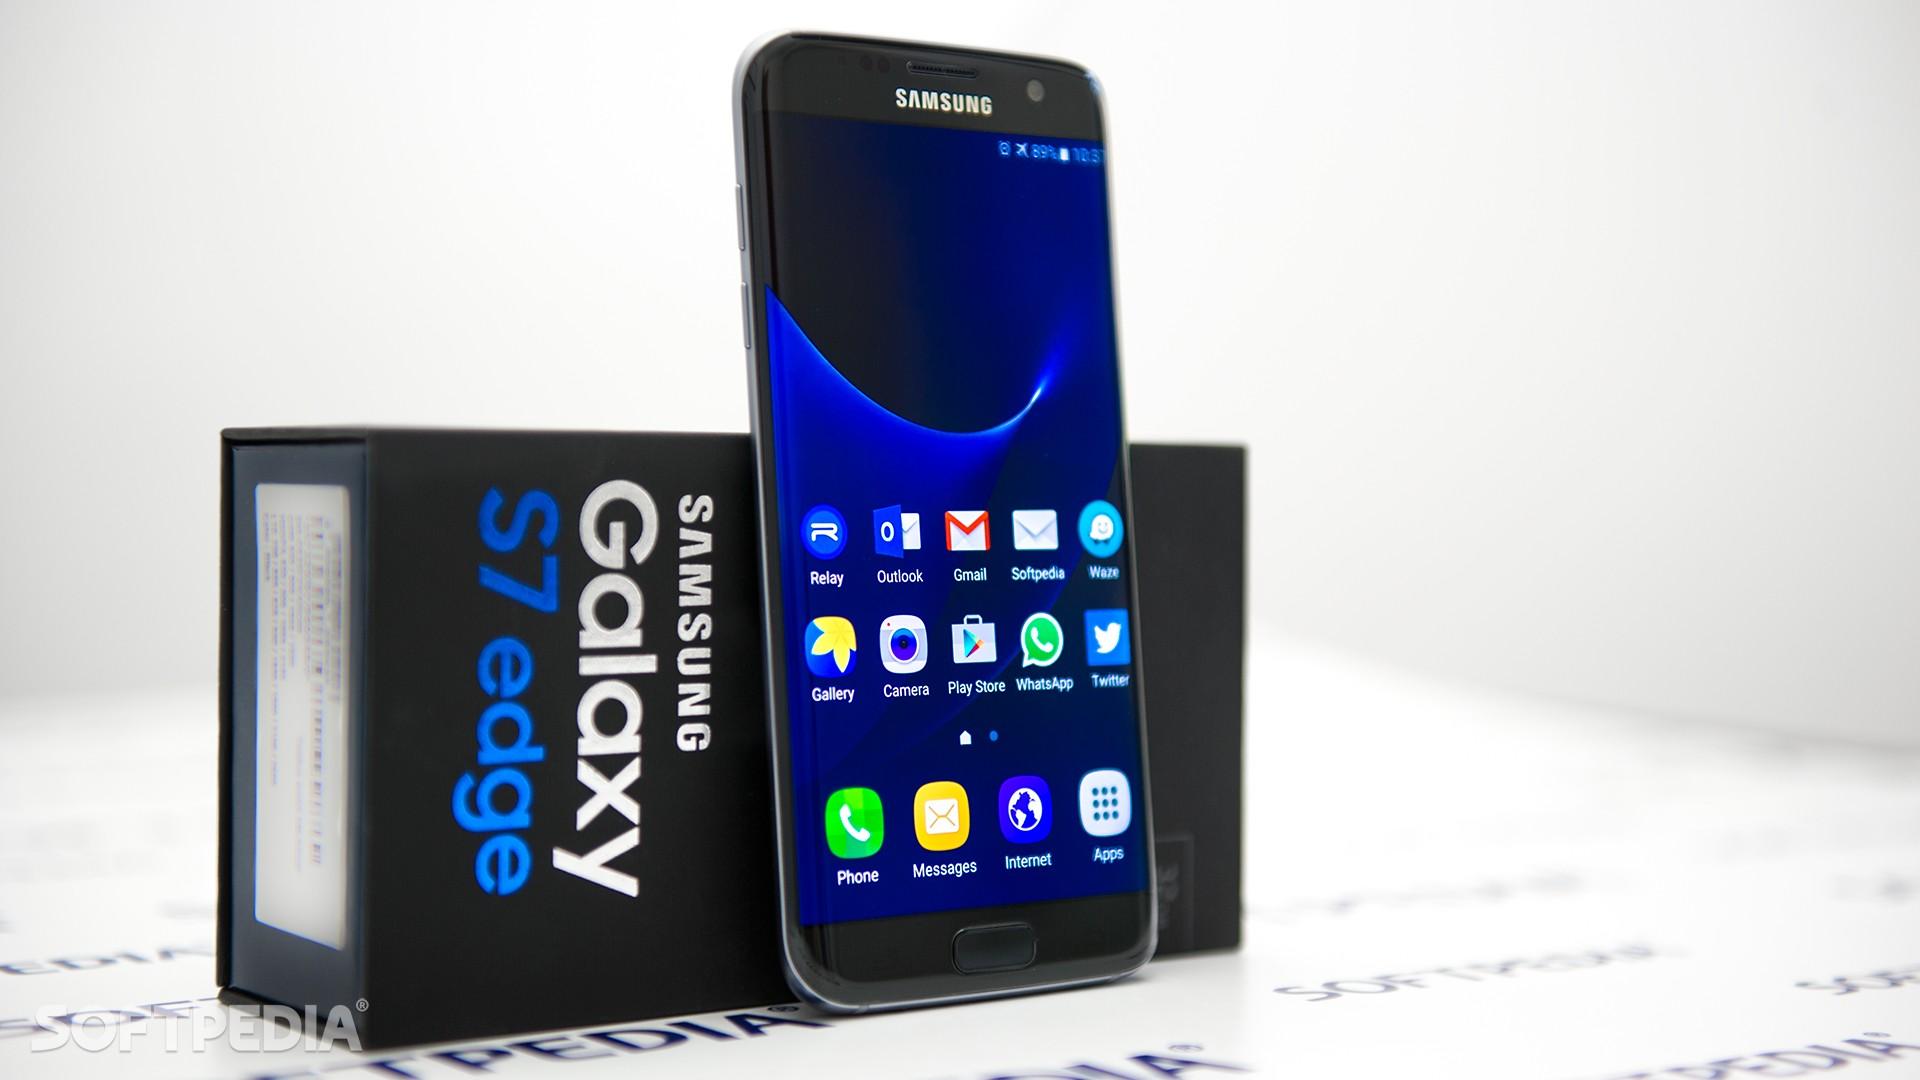 Plastikowy klon Galaxy S7 wygląda jak oryginał ale… wideo